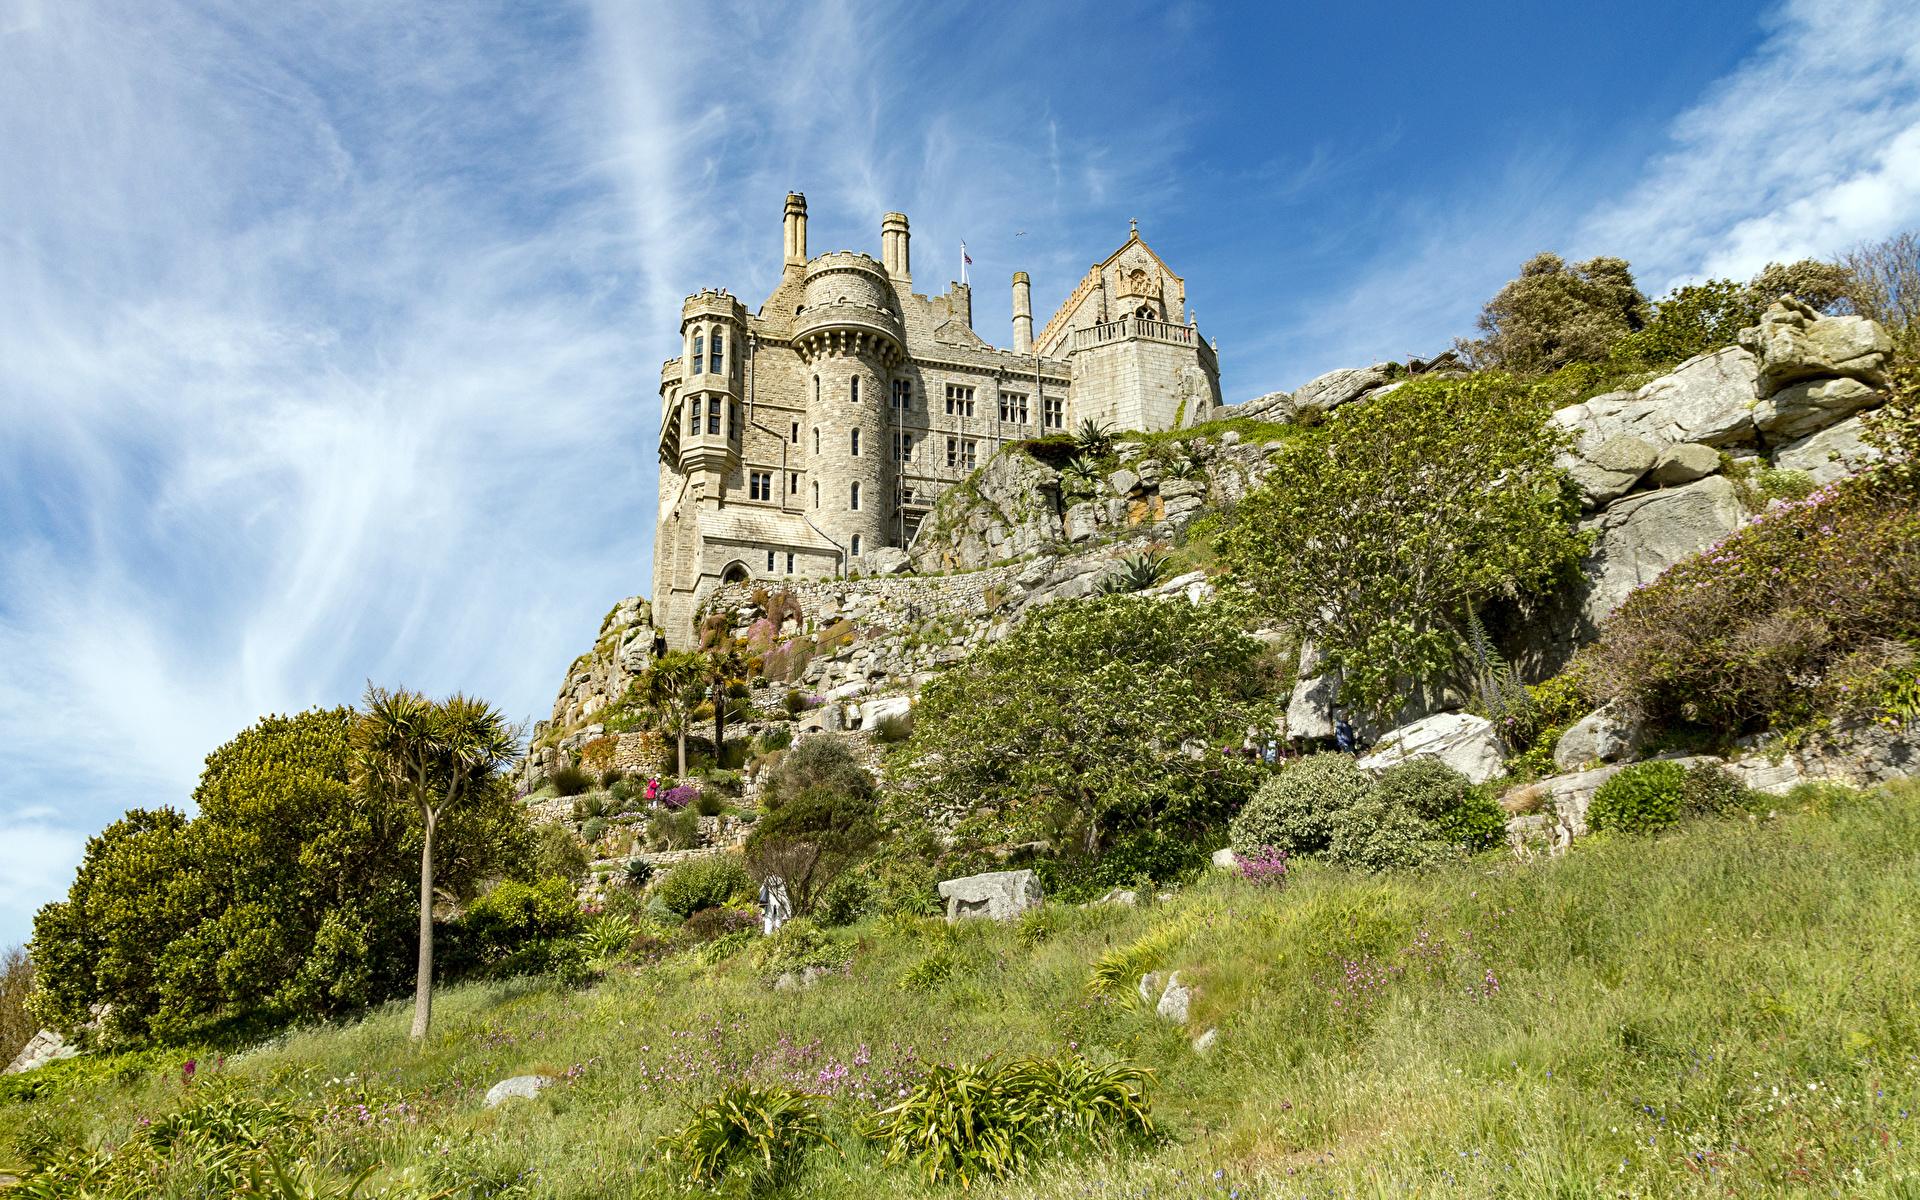 Обои для рабочего стола Франция St Michael's Mount Замки траве город 1920x1200 замок Трава Города